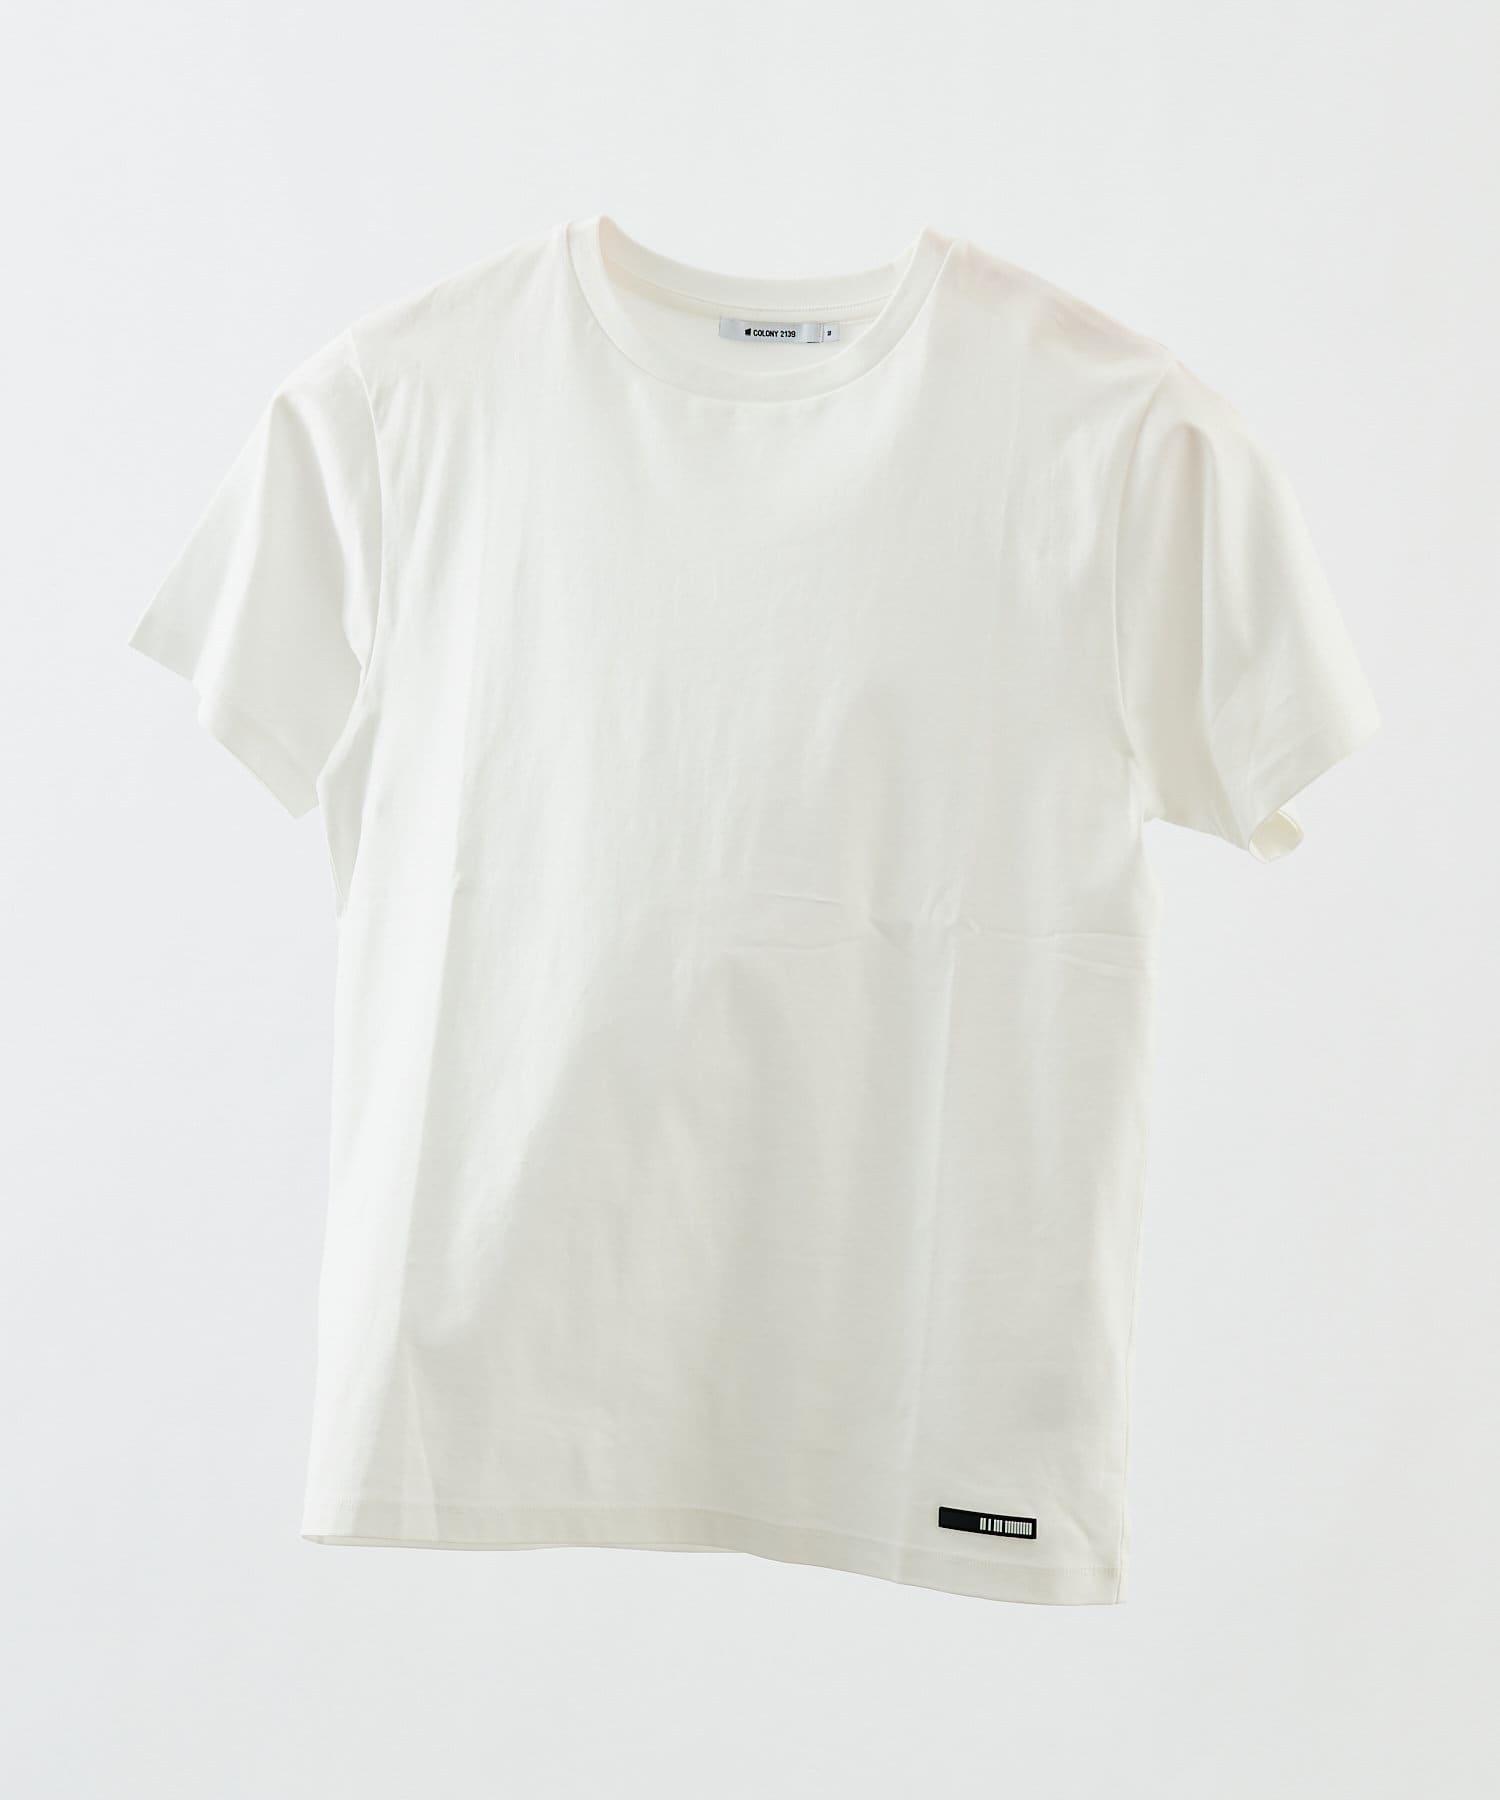 COLONY 2139(コロニー トゥーワンスリーナイン) 《抗菌・防臭》【SMART COLLECTION】クルーネック半袖Tシャツ